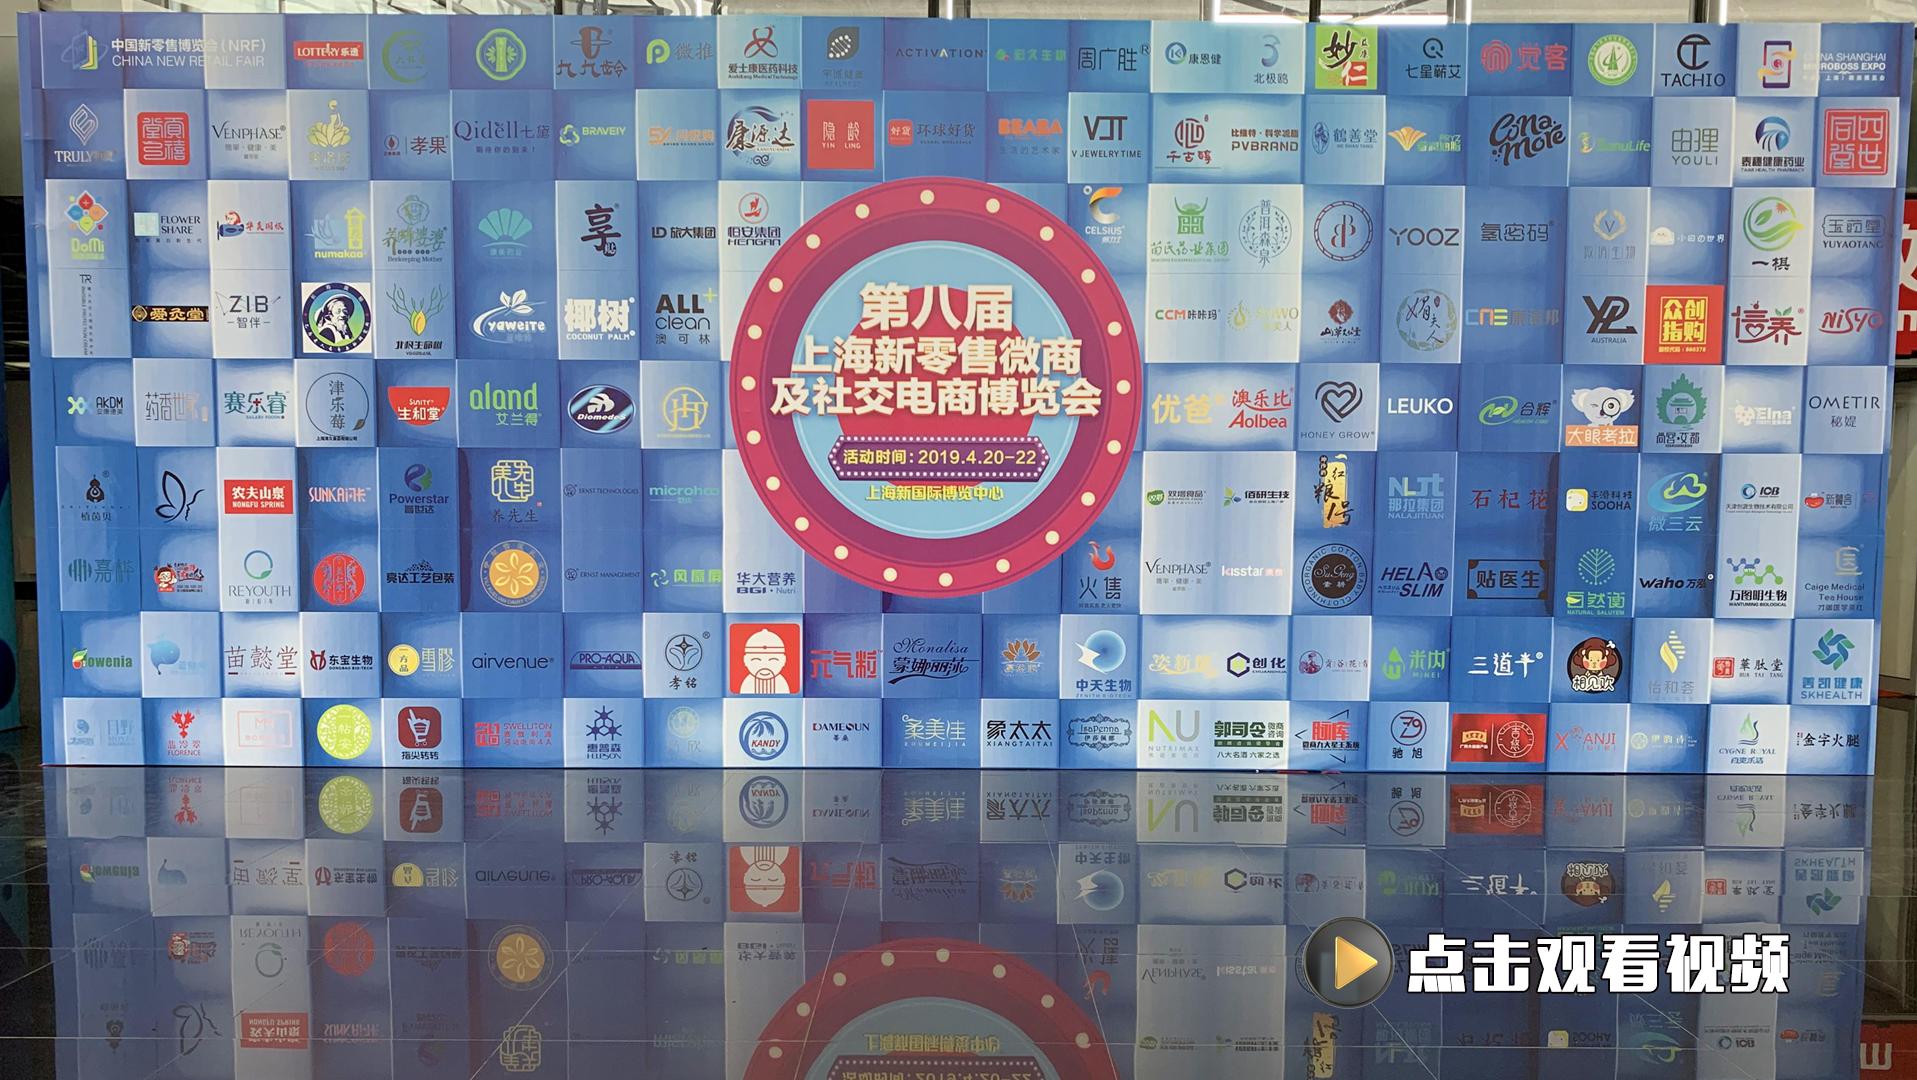 众创指购:2019年众创指购上海展会精彩瞬间